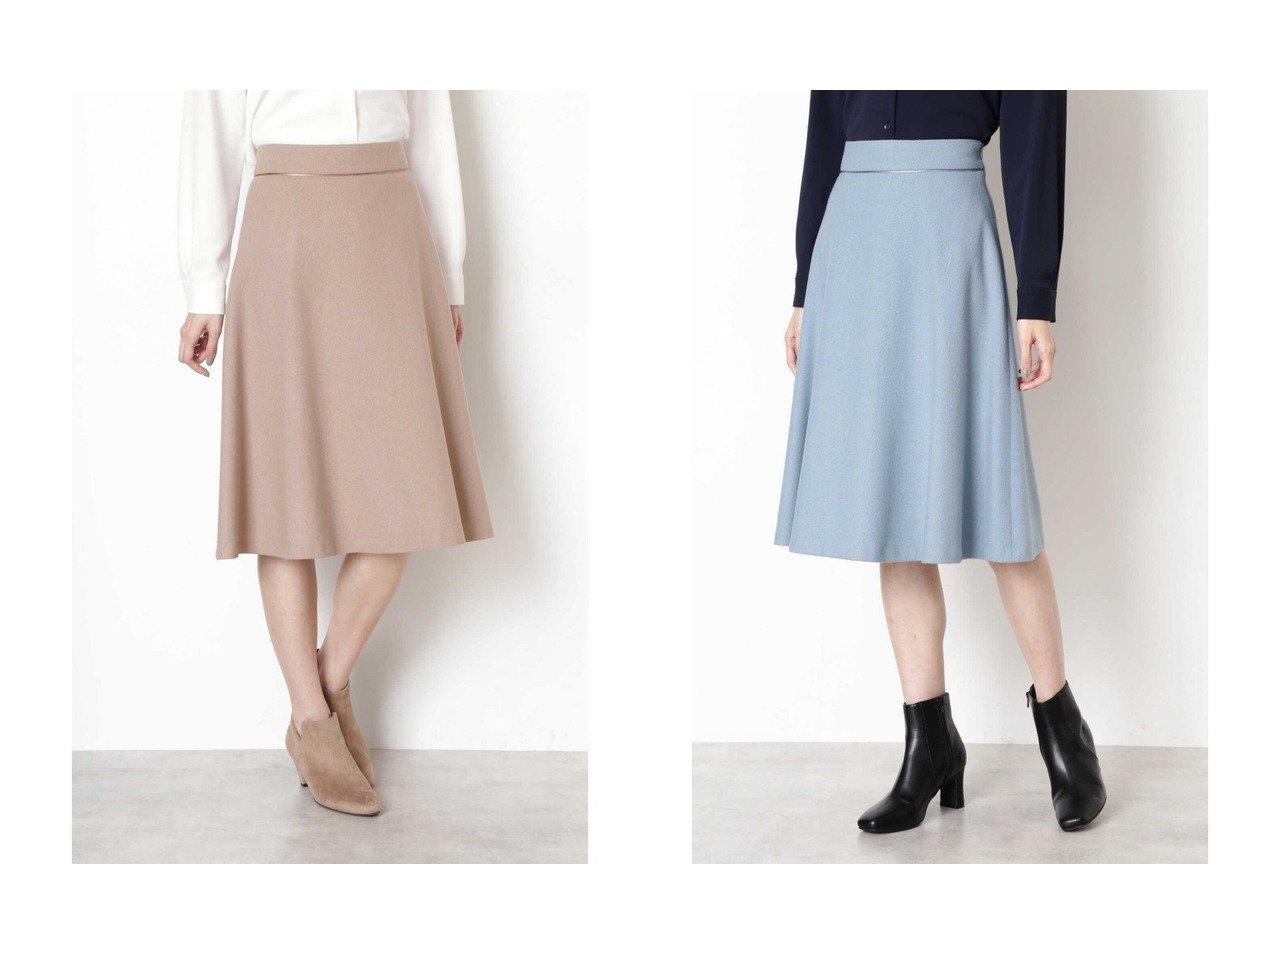 【NATURAL BEAUTY BASIC/ナチュラル ビューティー ベーシック】のフラノフレアスカート スカートのおすすめ!人気、レディースファッションの通販 おすすめで人気のファッション通販商品 インテリア・家具・キッズファッション・メンズファッション・レディースファッション・服の通販 founy(ファニー) https://founy.com/ ファッション Fashion レディース WOMEN スカート Skirt Aライン/フレアスカート Flared A-Line Skirts サテン フレア |ID:crp329100000001189